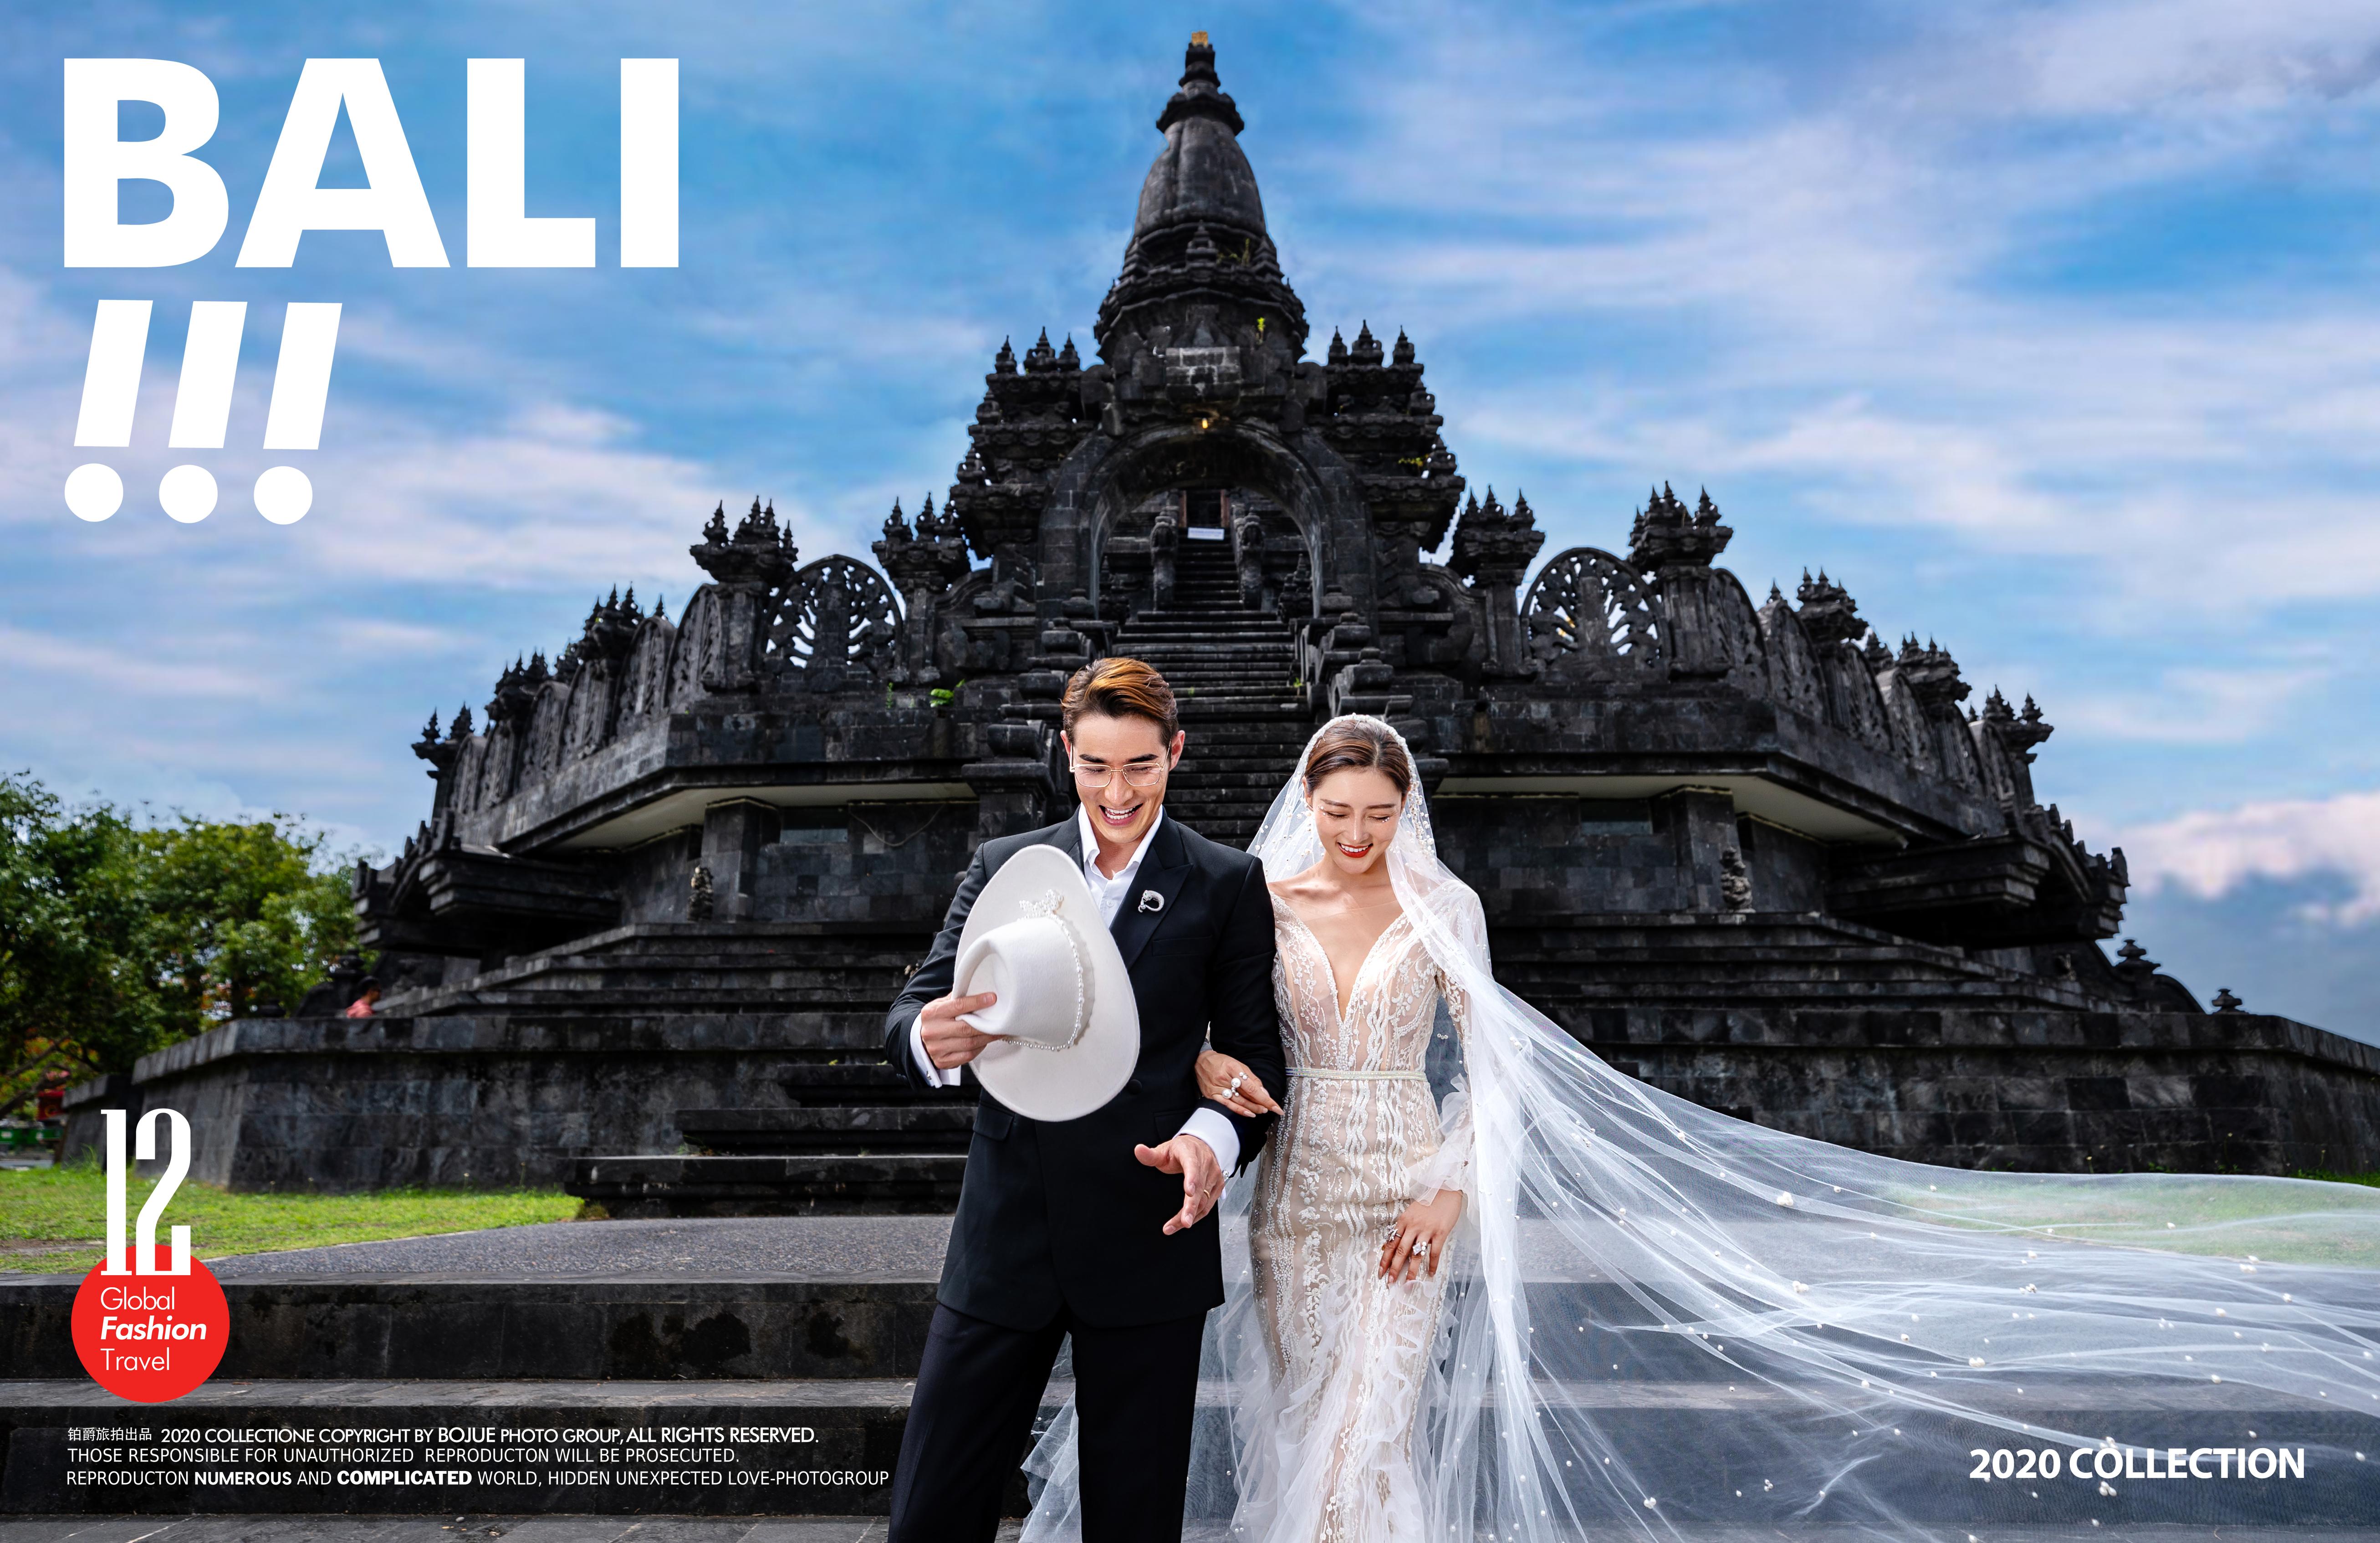 巴厘岛婚纱照价格 2020巴厘岛拍婚纱照多少钱